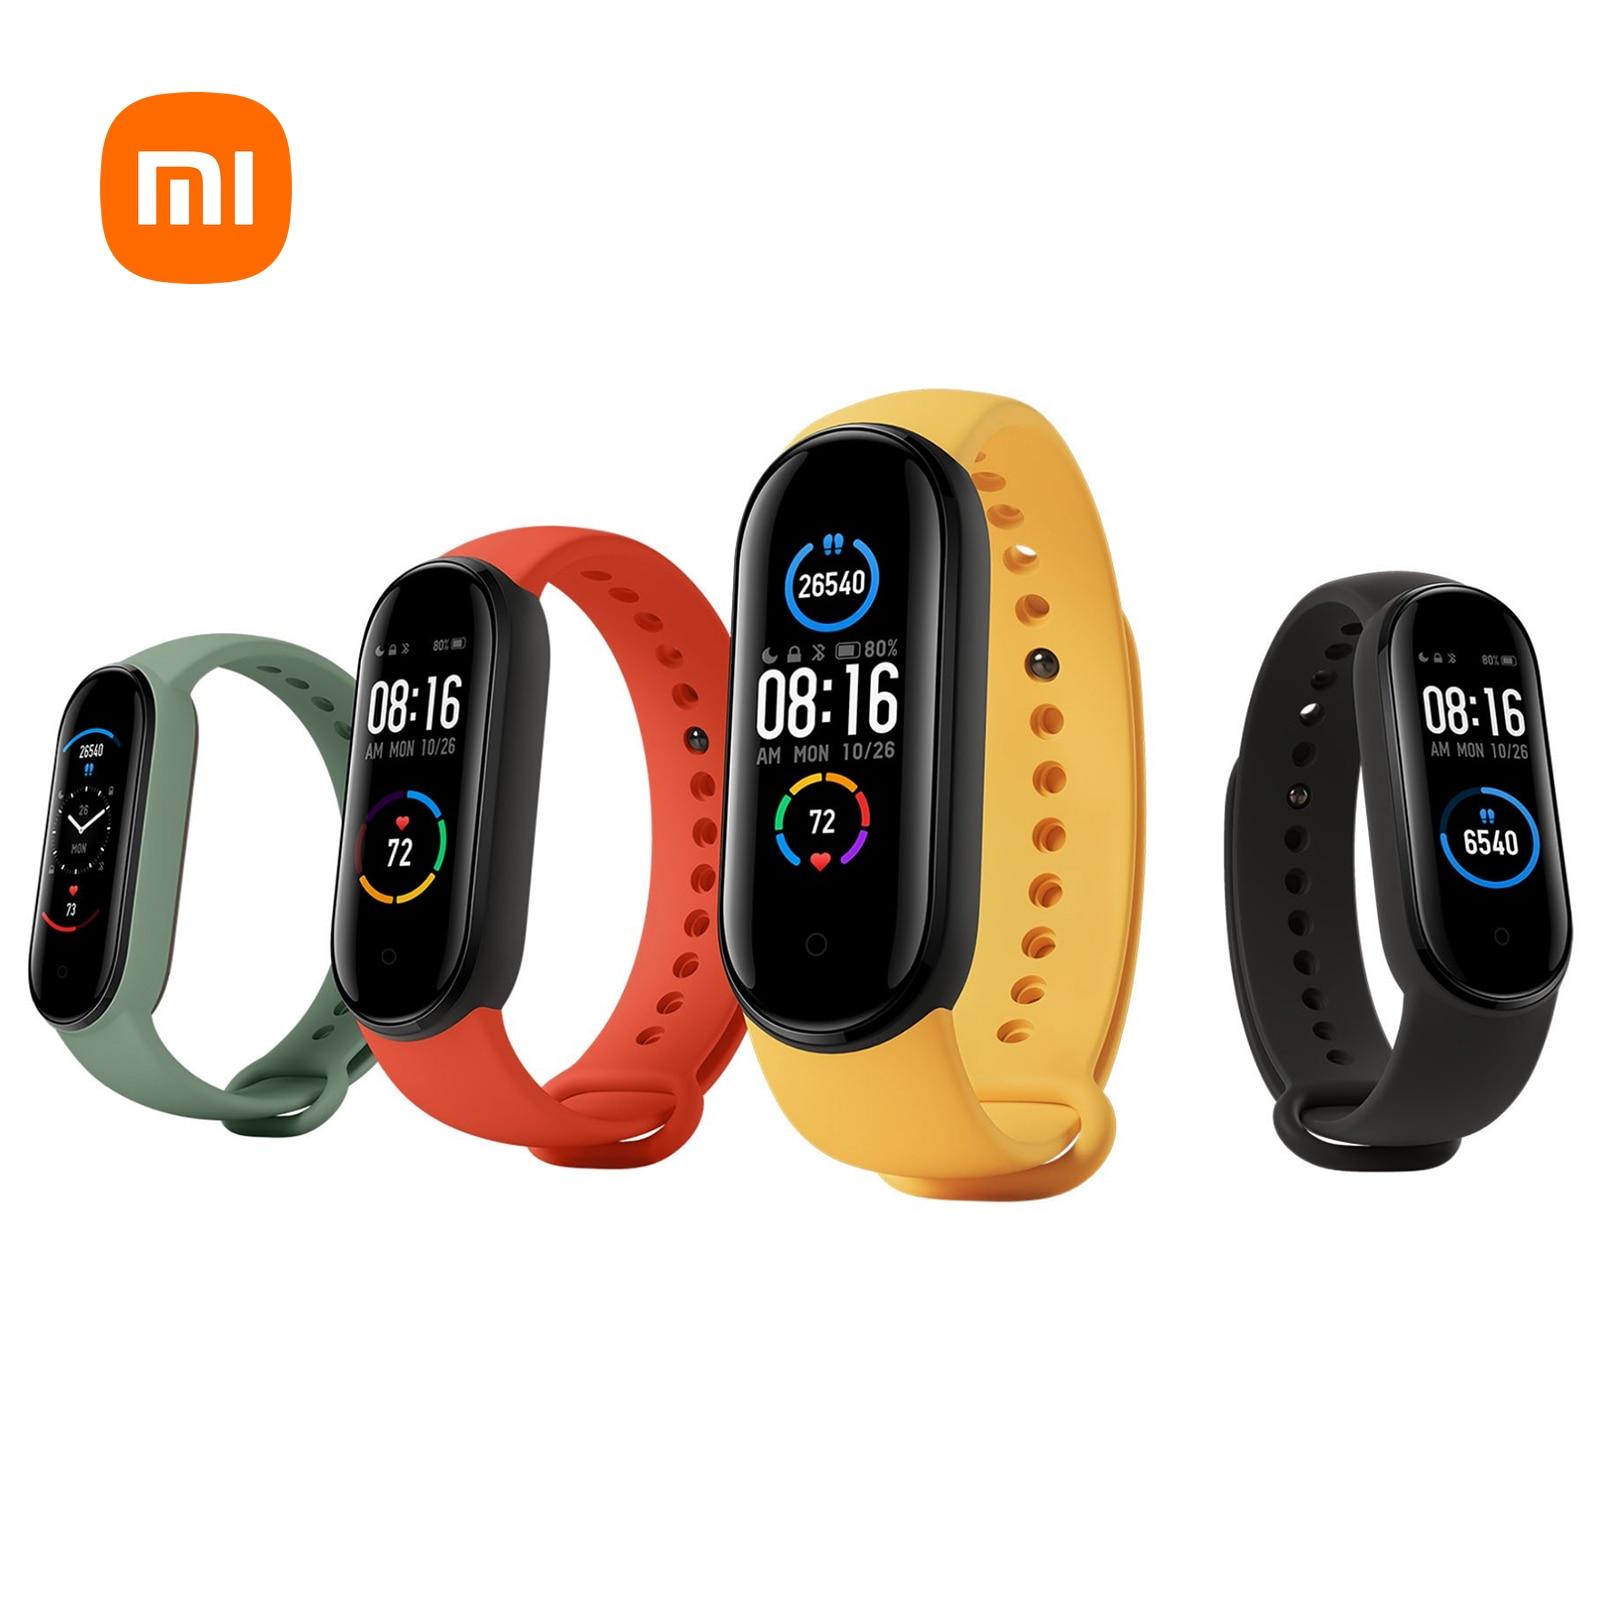 Xiaomi-سوار متصل Mi Band 5 ، ساعة ذكية ، إصدار عالمي ، أصلي